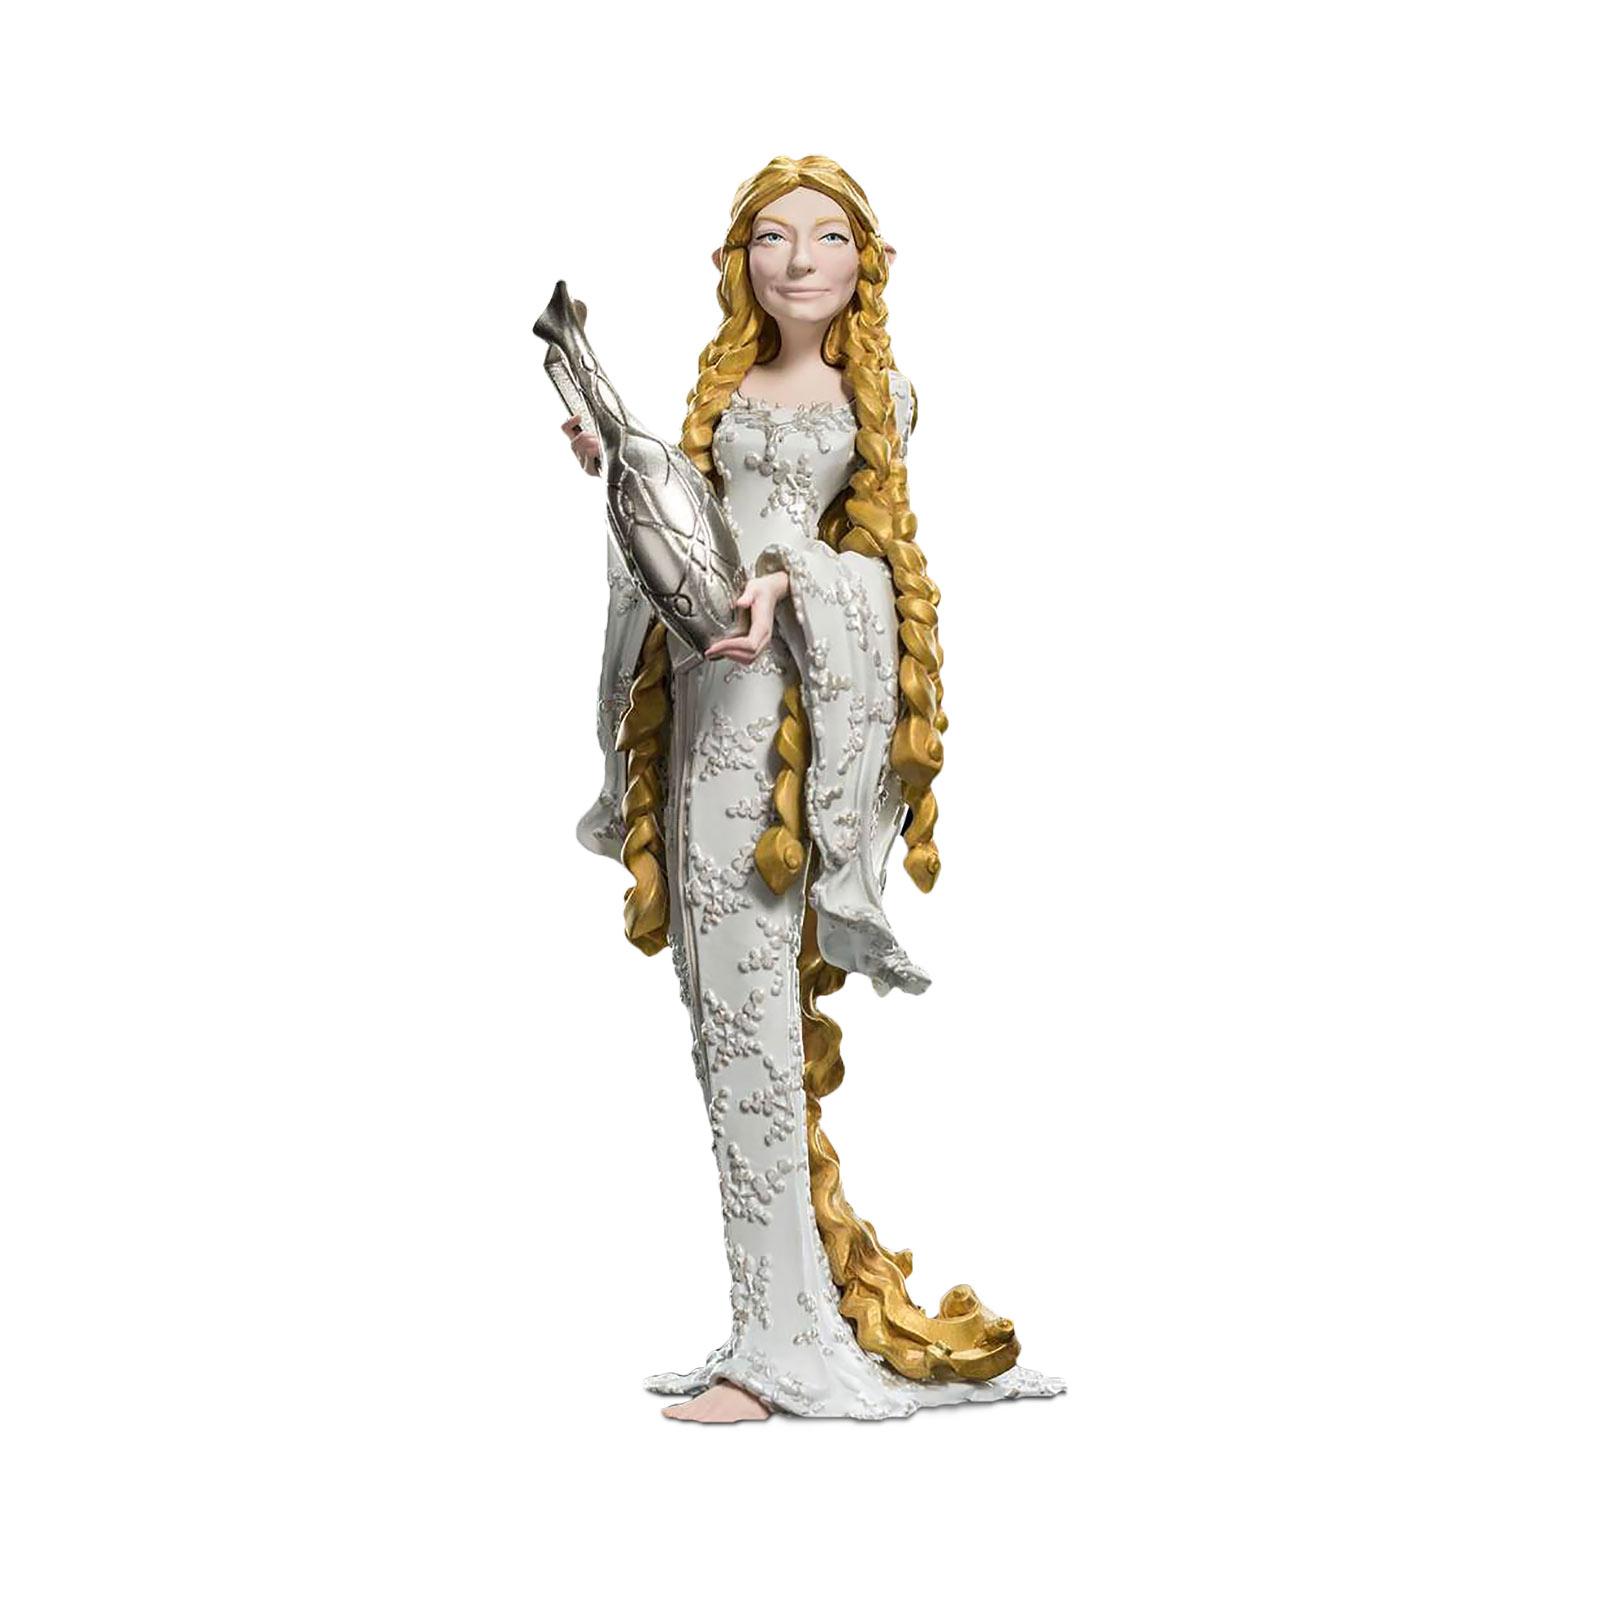 Herr der Ringe - Galadriel Mini Epics Figur